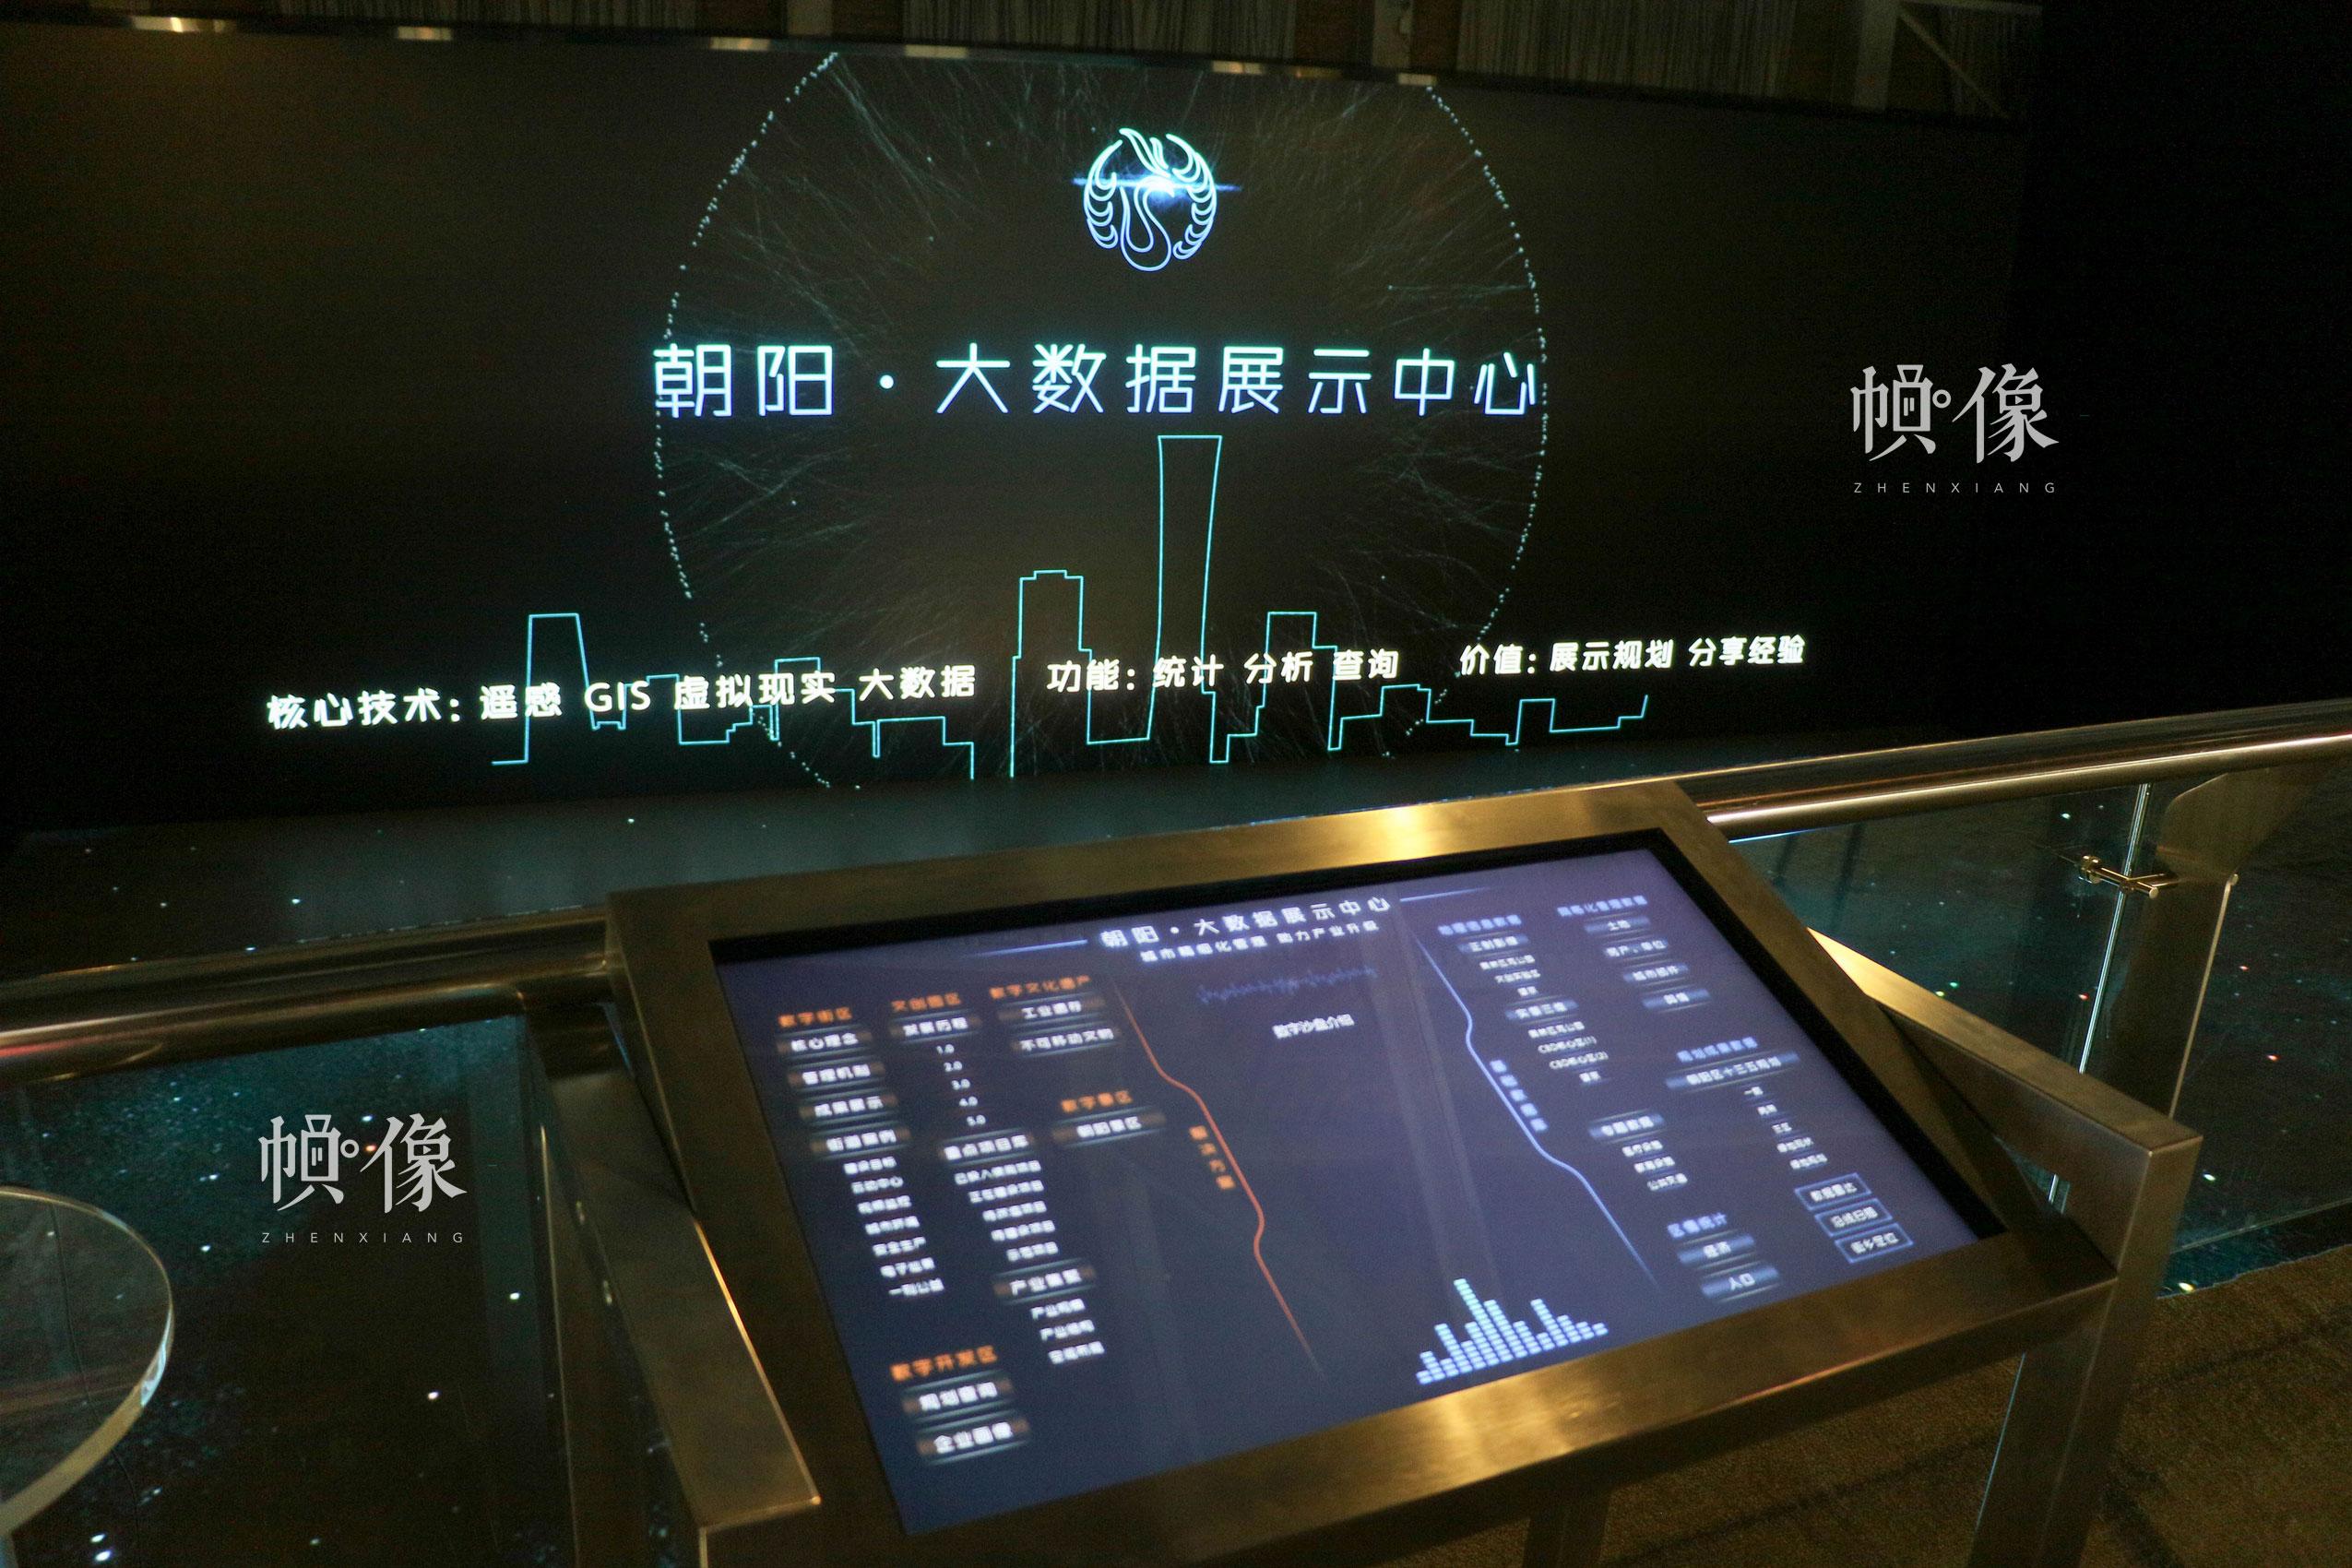 """朝阳规划艺术馆数字创意产品""""数字沙盘"""",可以实现三维场景的动态模拟的演示和漫游,规划信息的实时更新。图为""""数字沙盘""""控制面板。中国网记者 赵超 摄"""